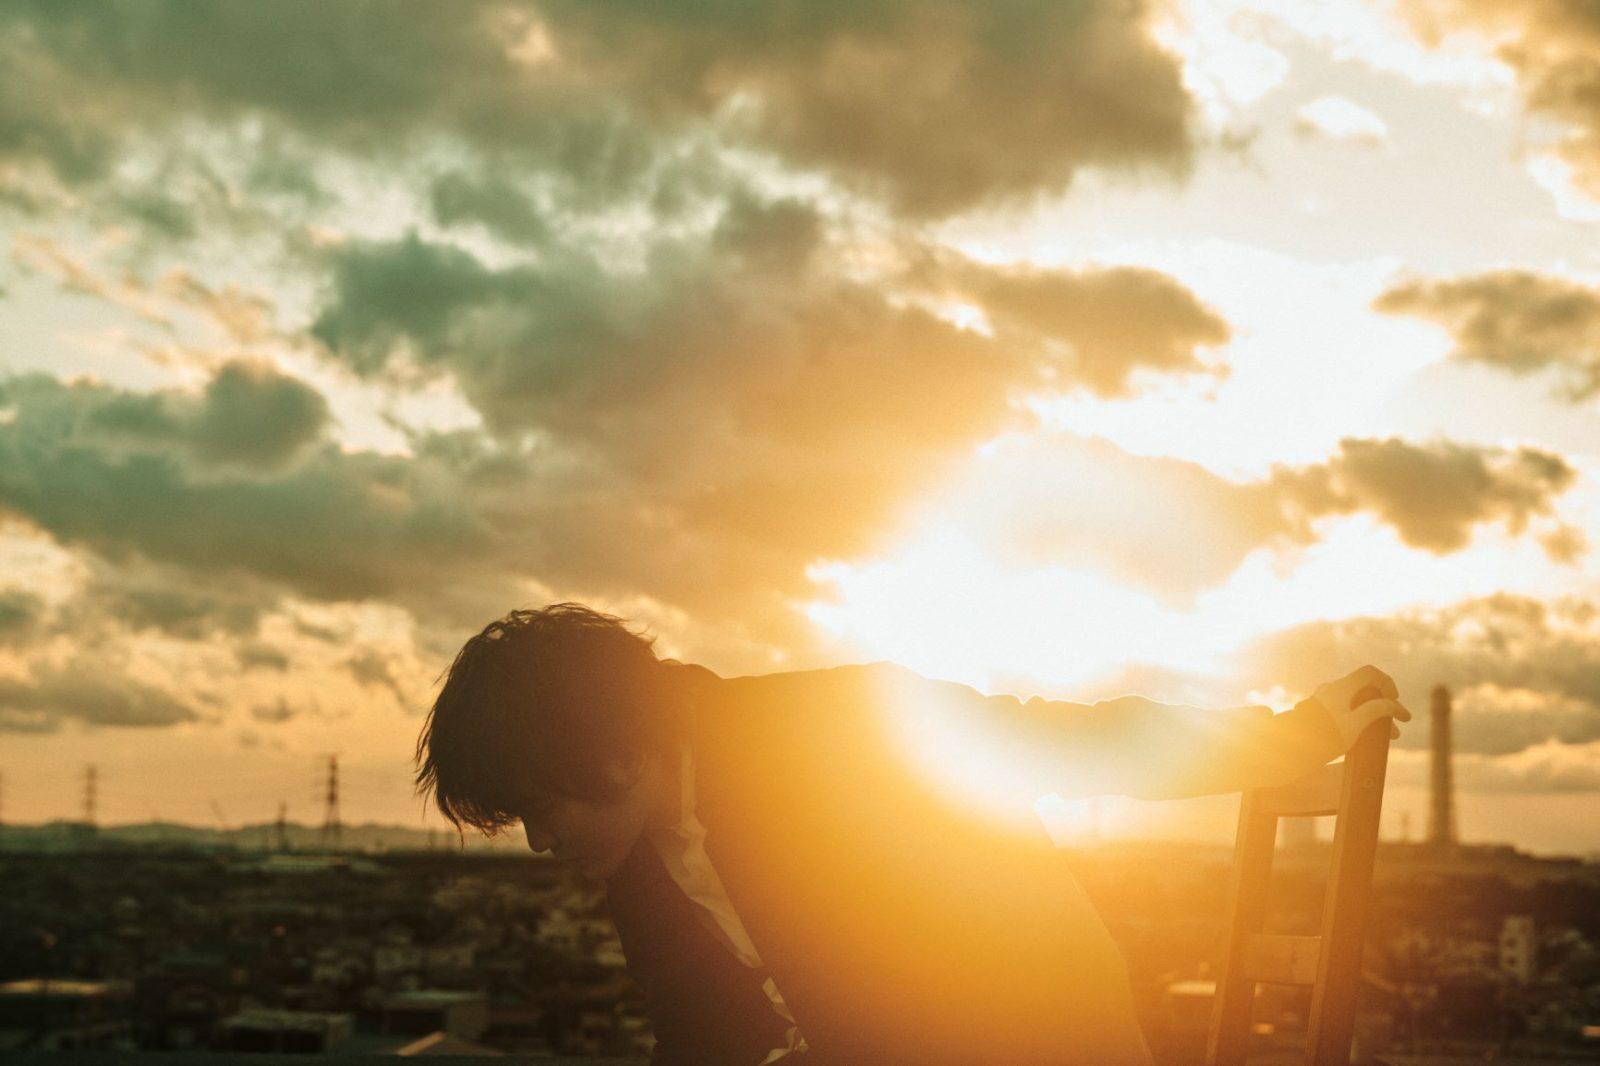 センチミリメンタル、主題歌を担当する「映画 ギヴン」の本予告映像公開で音源解禁&シングル発売も決定サムネイル画像